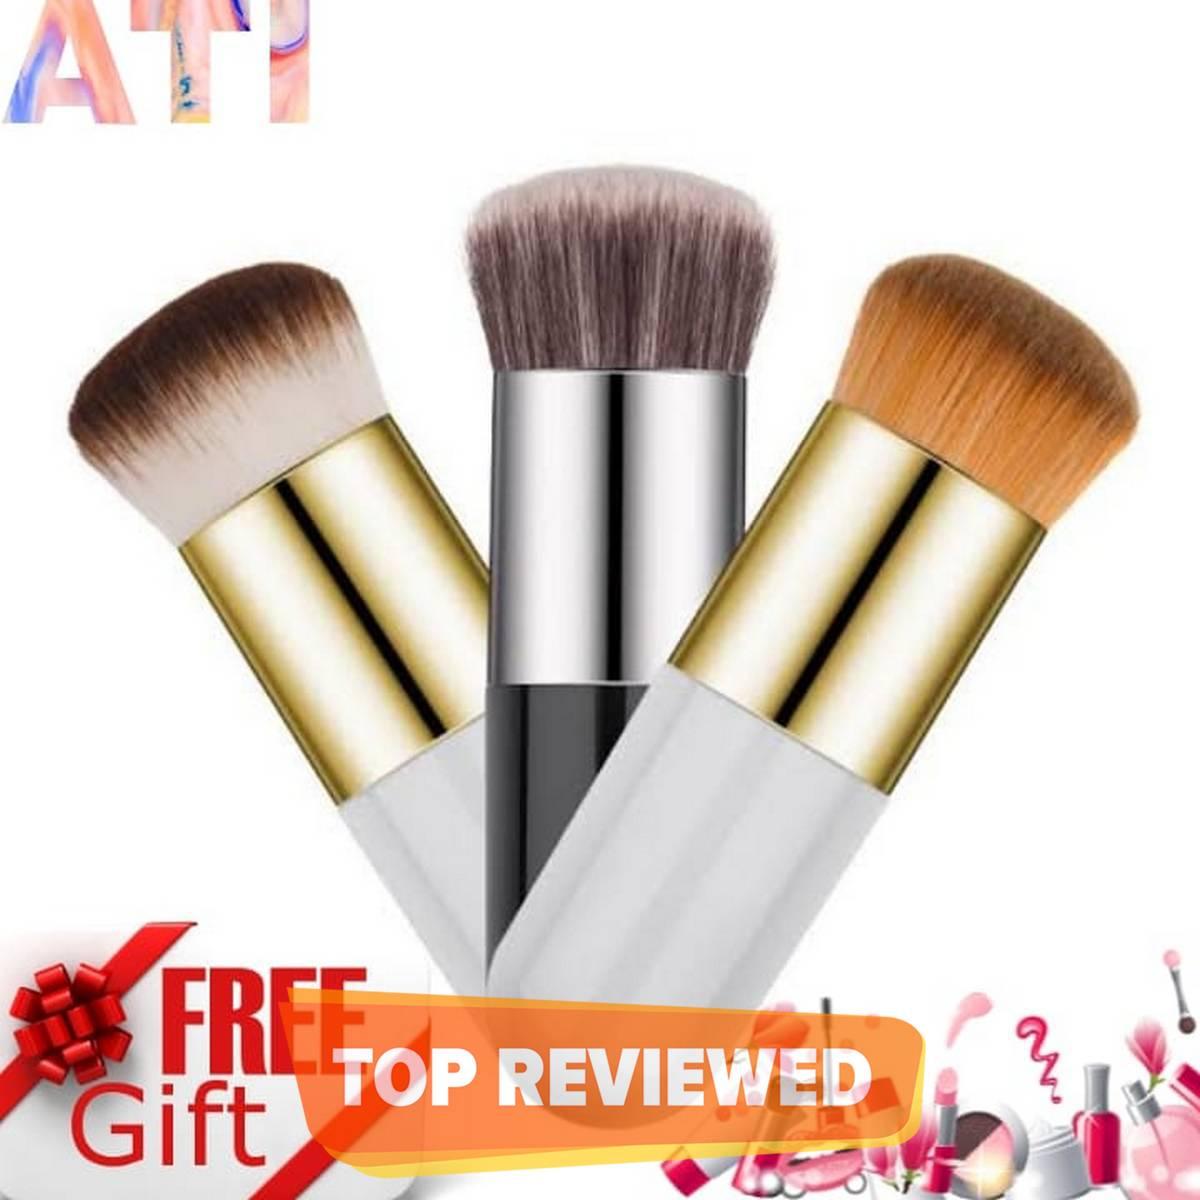 Chubby Pier Foundation Brush - Kabuki Foundation Brush - Blush On Brush - Flat Cream Makeup Brushes Professional Cosmetic Makeup Brush Set (Pack Of 2) Eyeshadow, Eyebrow Eyeliner, Lipstick & Kajal Pencil